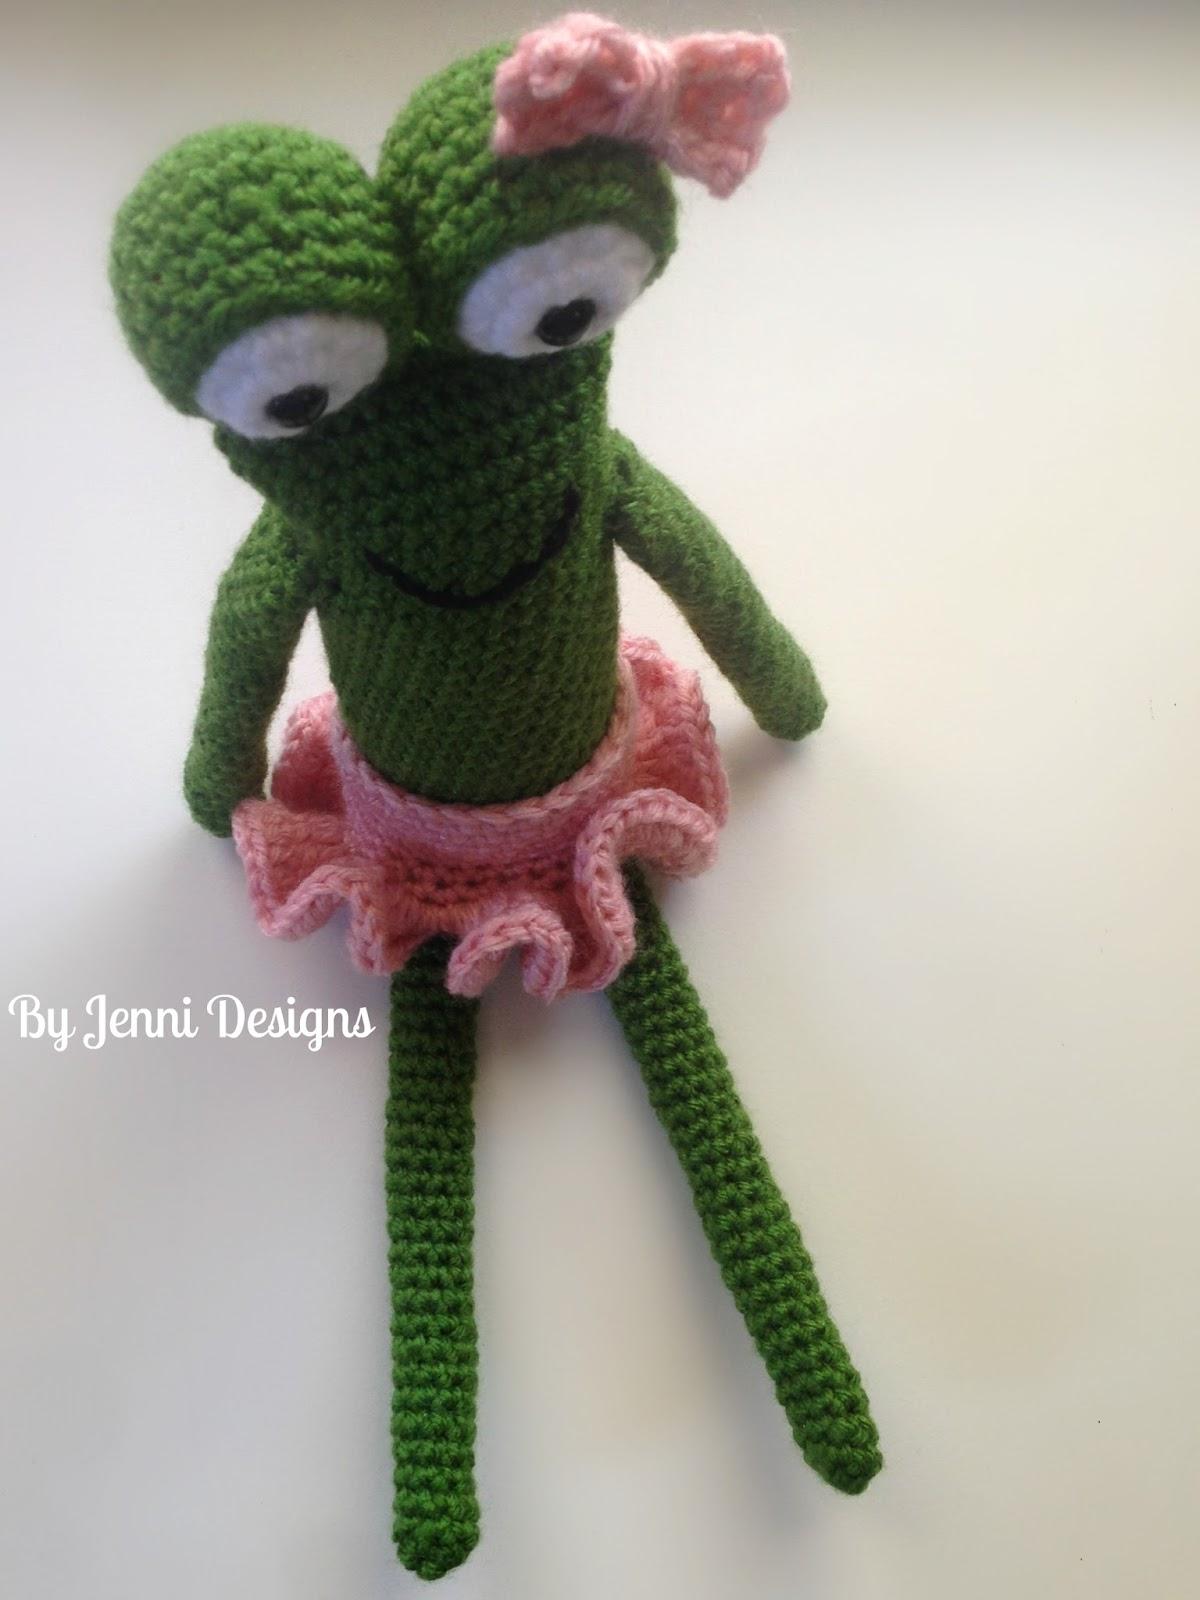 By jenni designs free crochet amigurumi pattern the skinny frog bankloansurffo Gallery